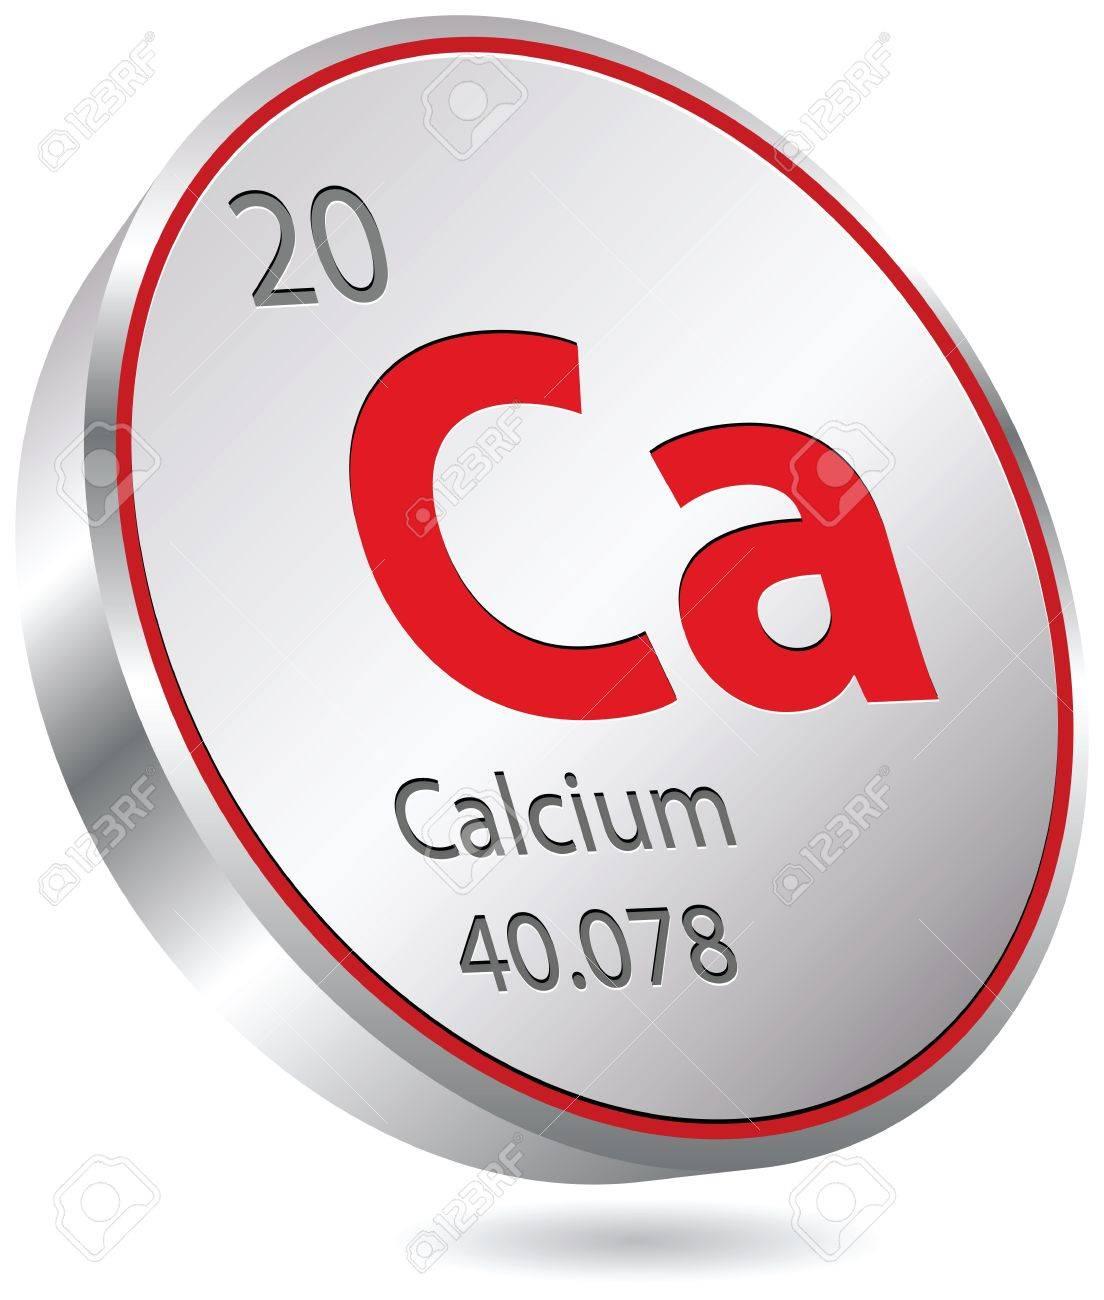 Calcium eingedeutscht Kalzium geschrieben ist ein chemisches Element mit dem Elementsymbol Ca und der Ordnungszahl 20 Im Periodensystem steht es in der zweiten